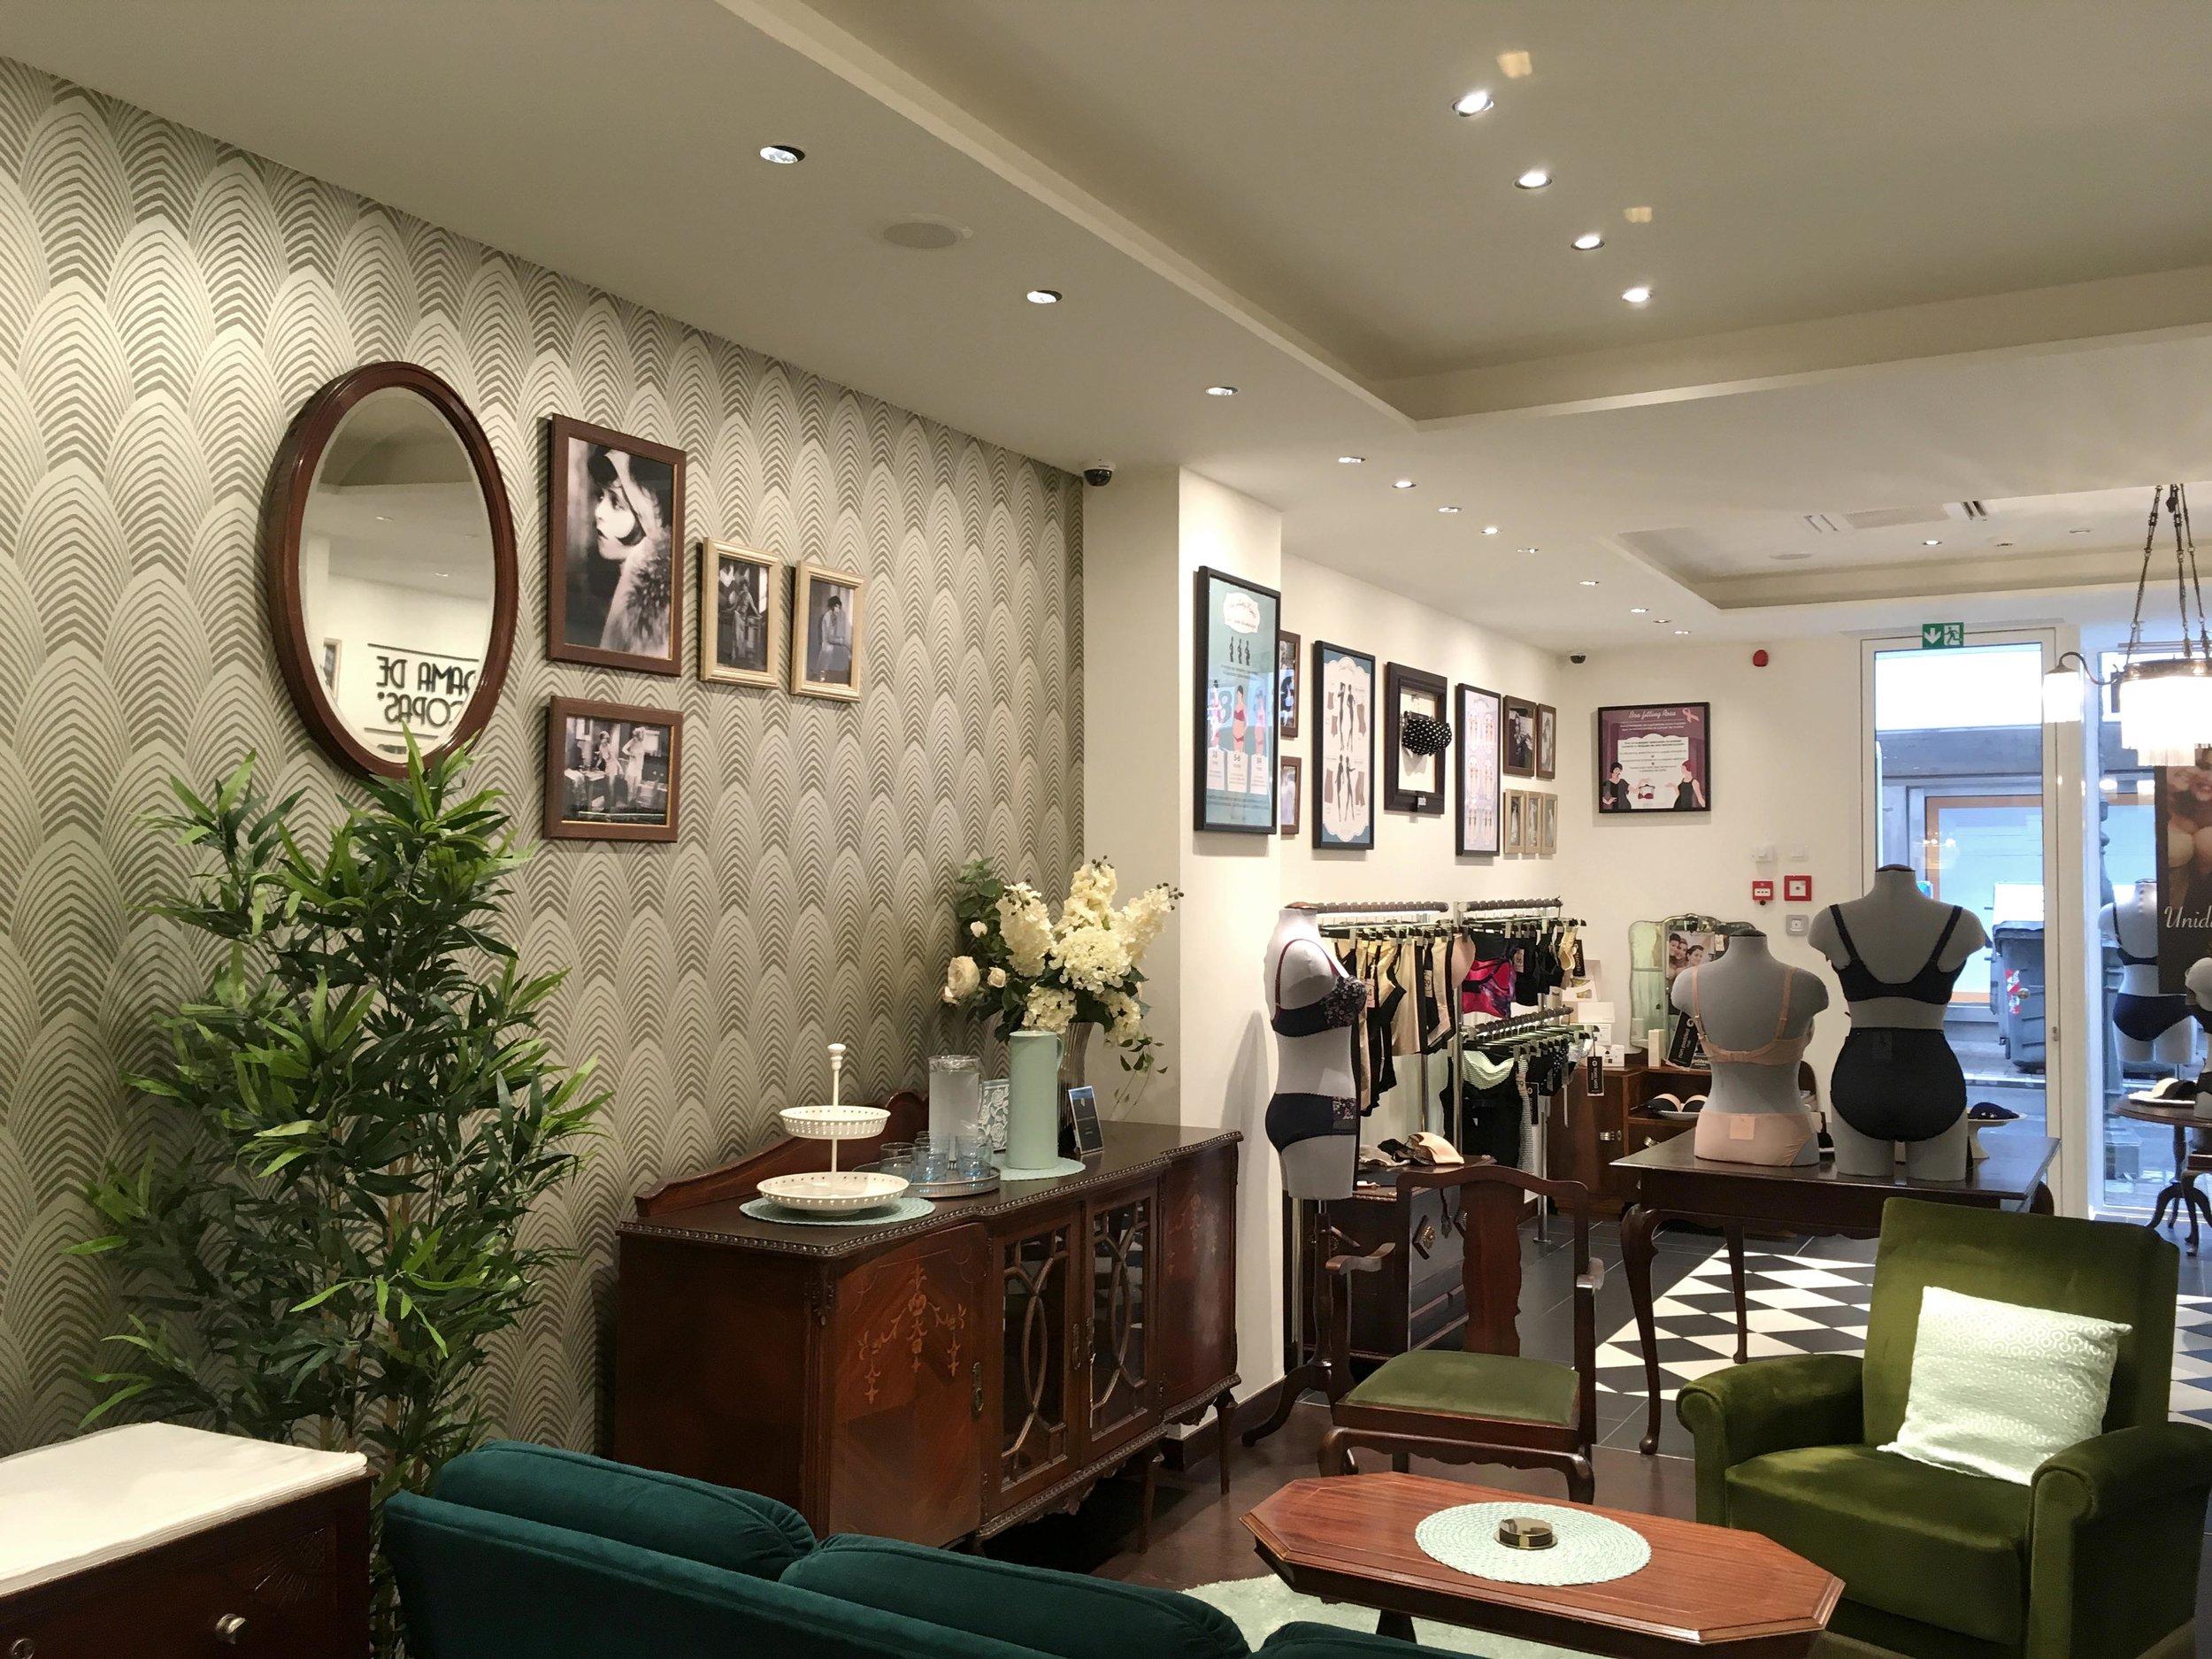 interior brand design madrid Dama de Copas Lingerie and bra fitting